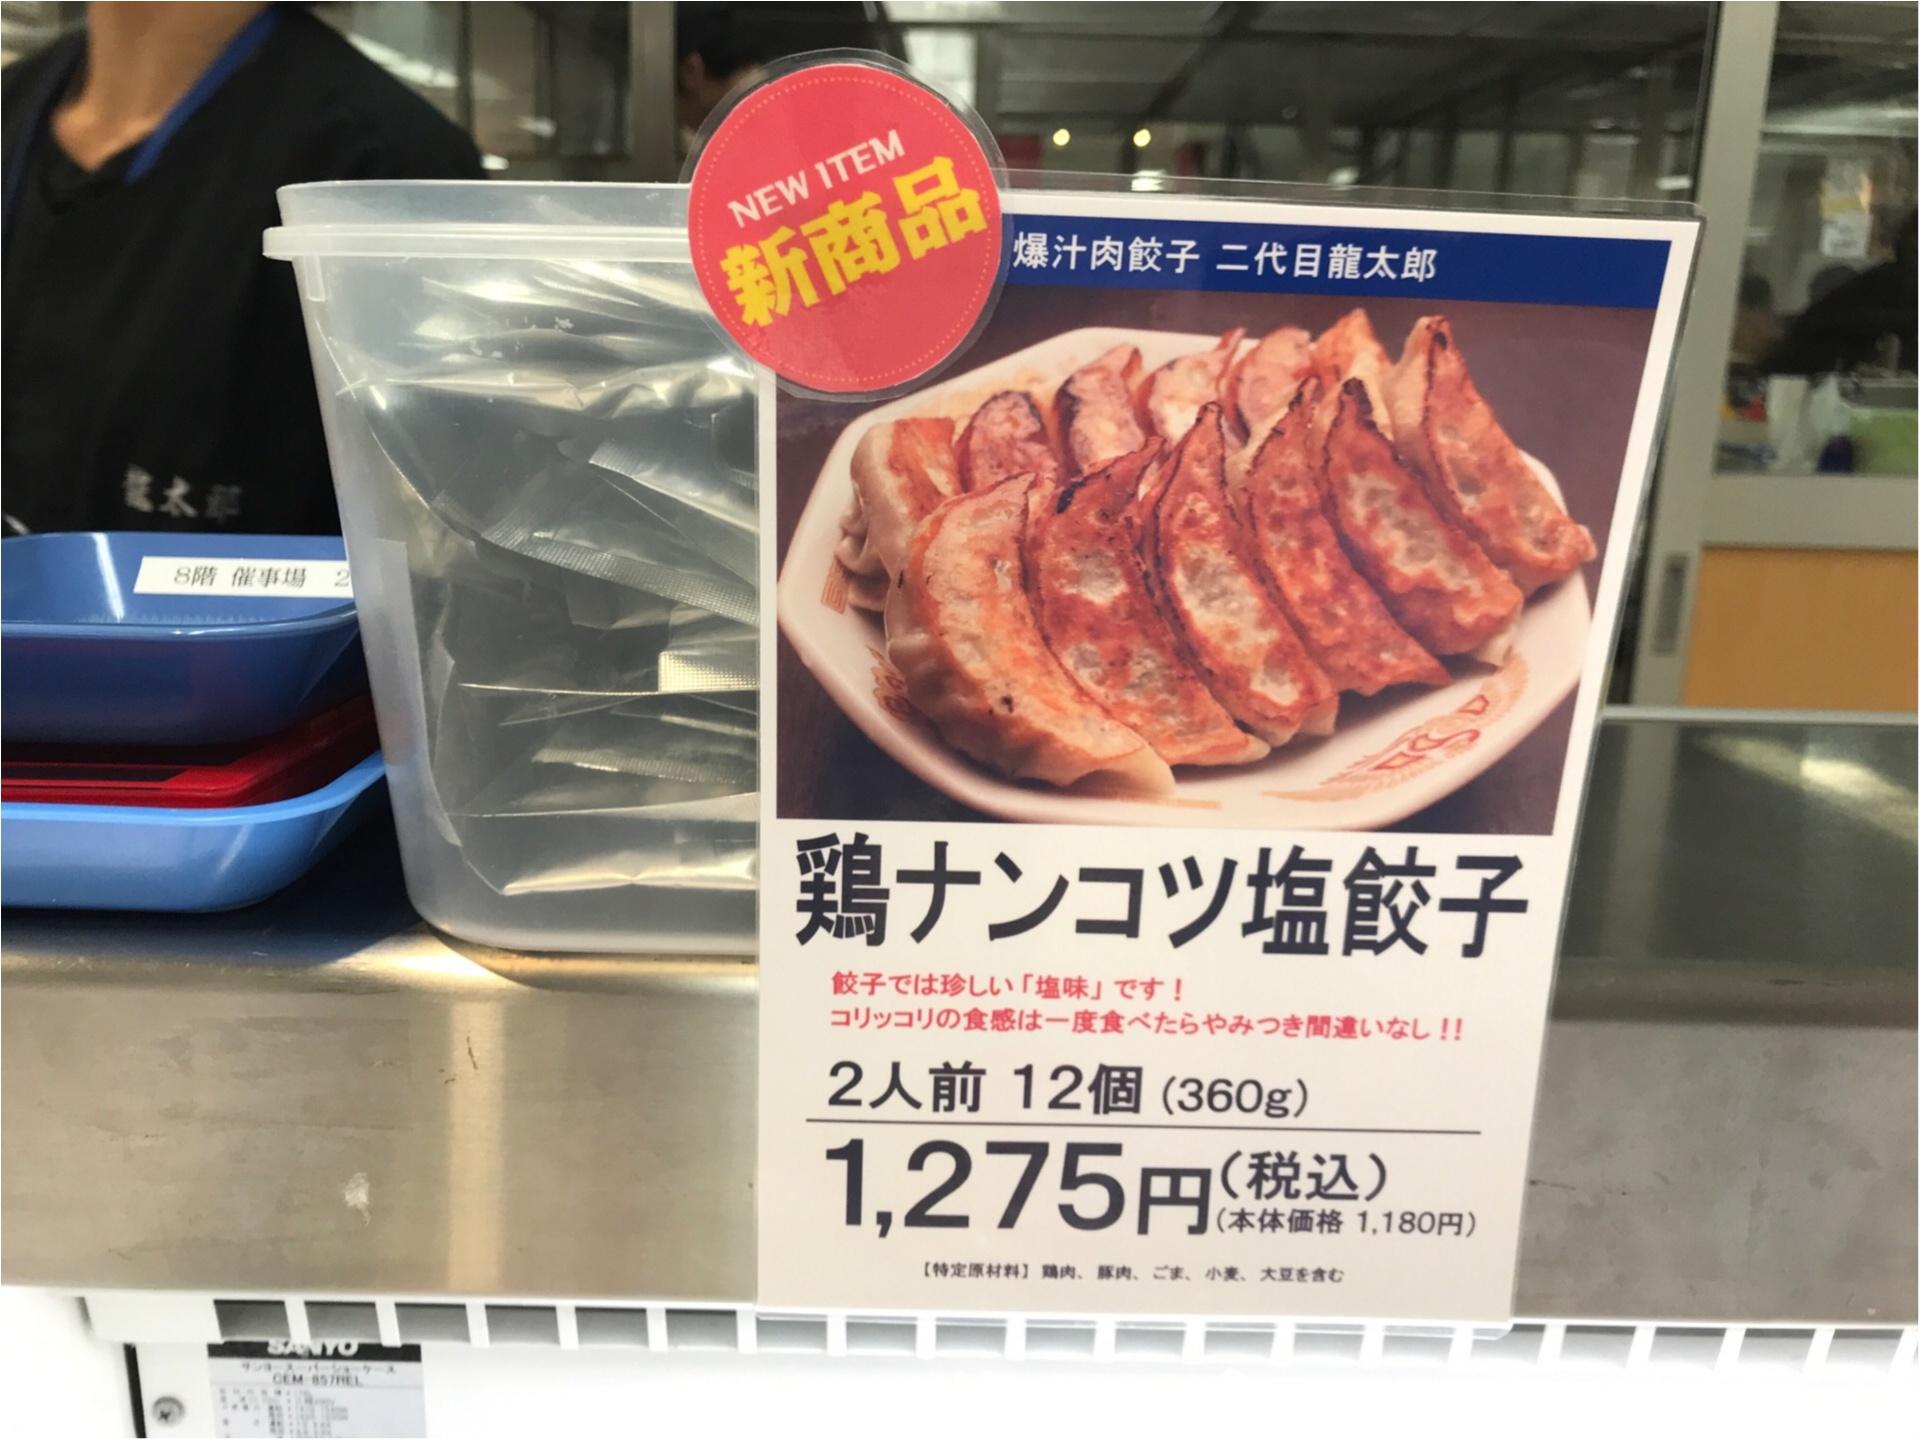 大人気料理ブロガー《みきママ》考案!肉汁がすごい【鶏ナンコツ塩餃子】を試食♡_2